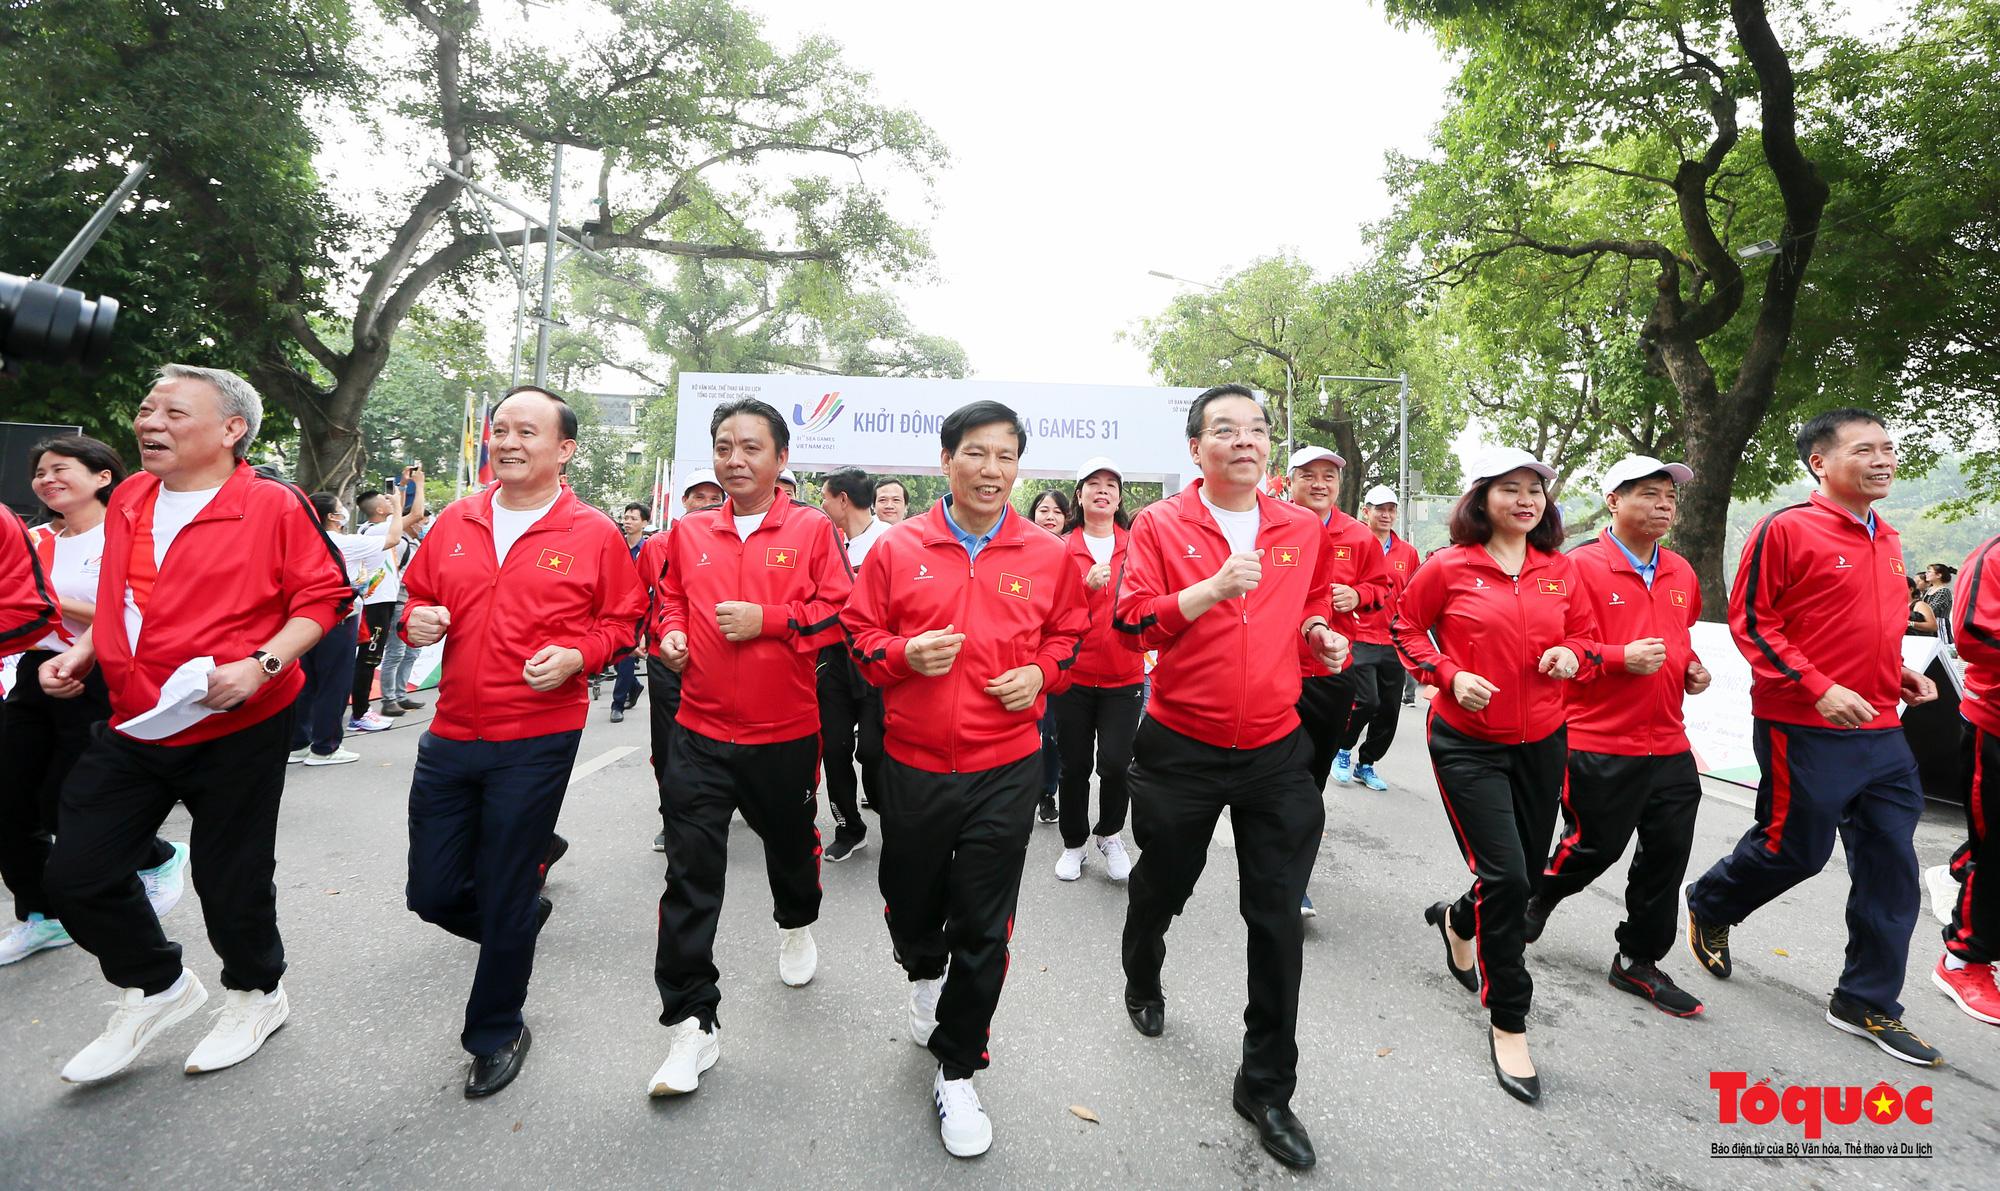 Khởi động cùng SEA Games 31 - Việt Nam sẵn sàng cho Đại hội thể thao lớn nhất Đông Nam Á  - Ảnh 9.